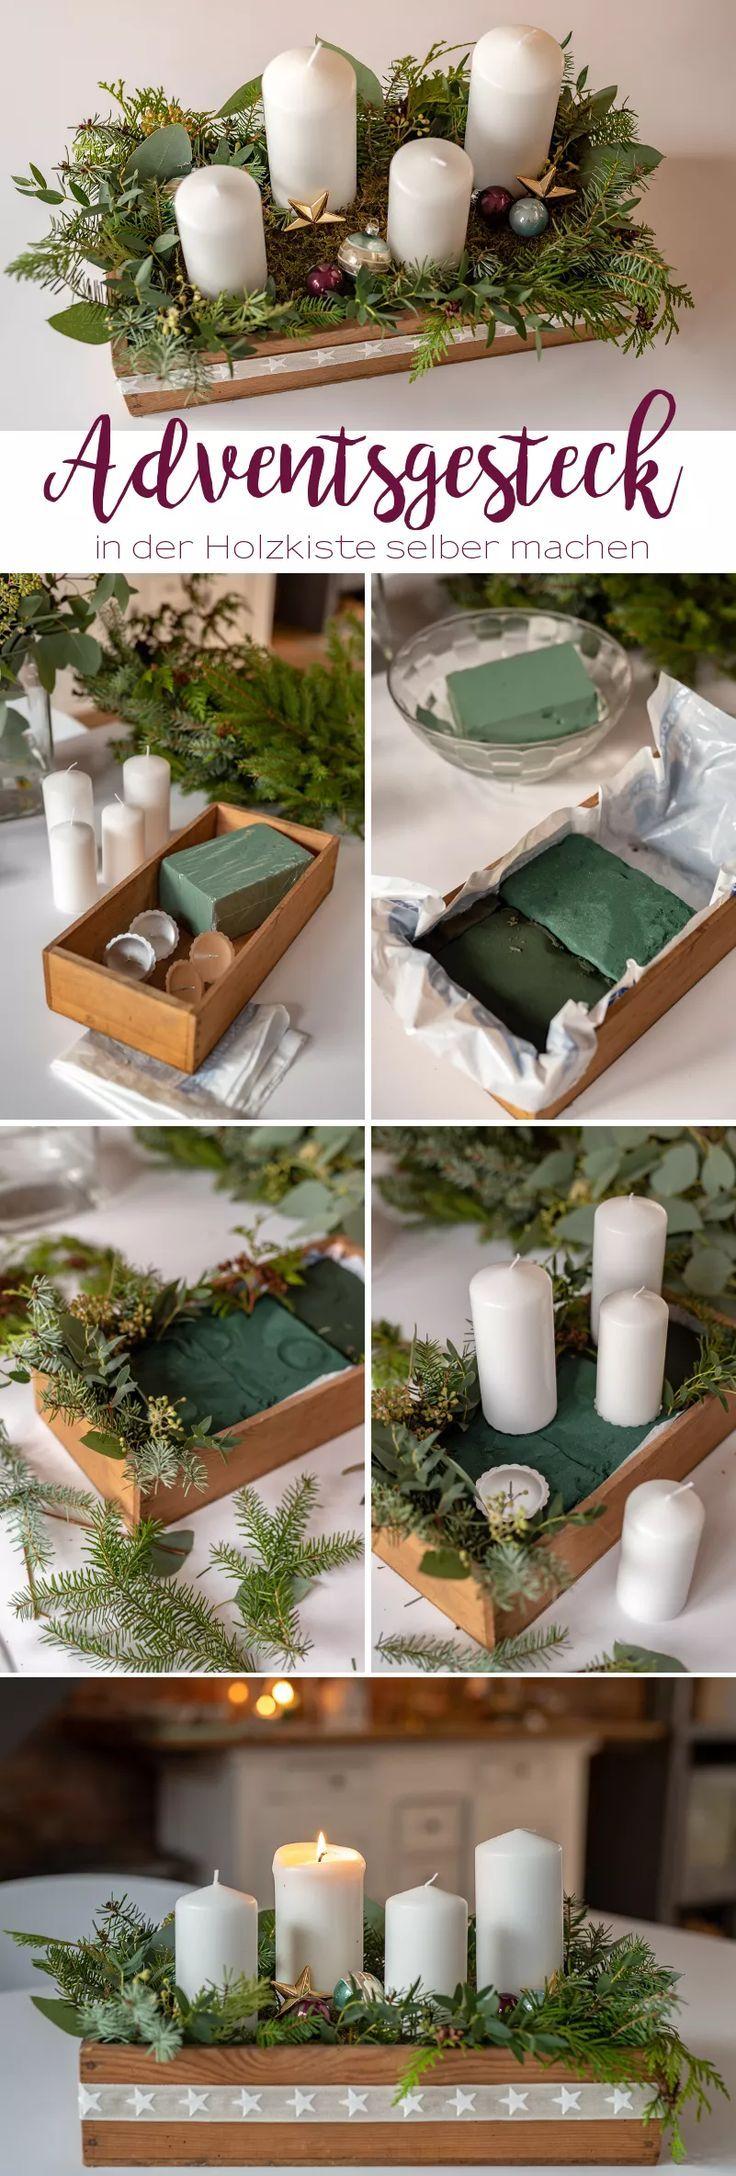 DIY Adventskranz: Adventsgesteck in der Holzkiste #adventskranzskandinavisch